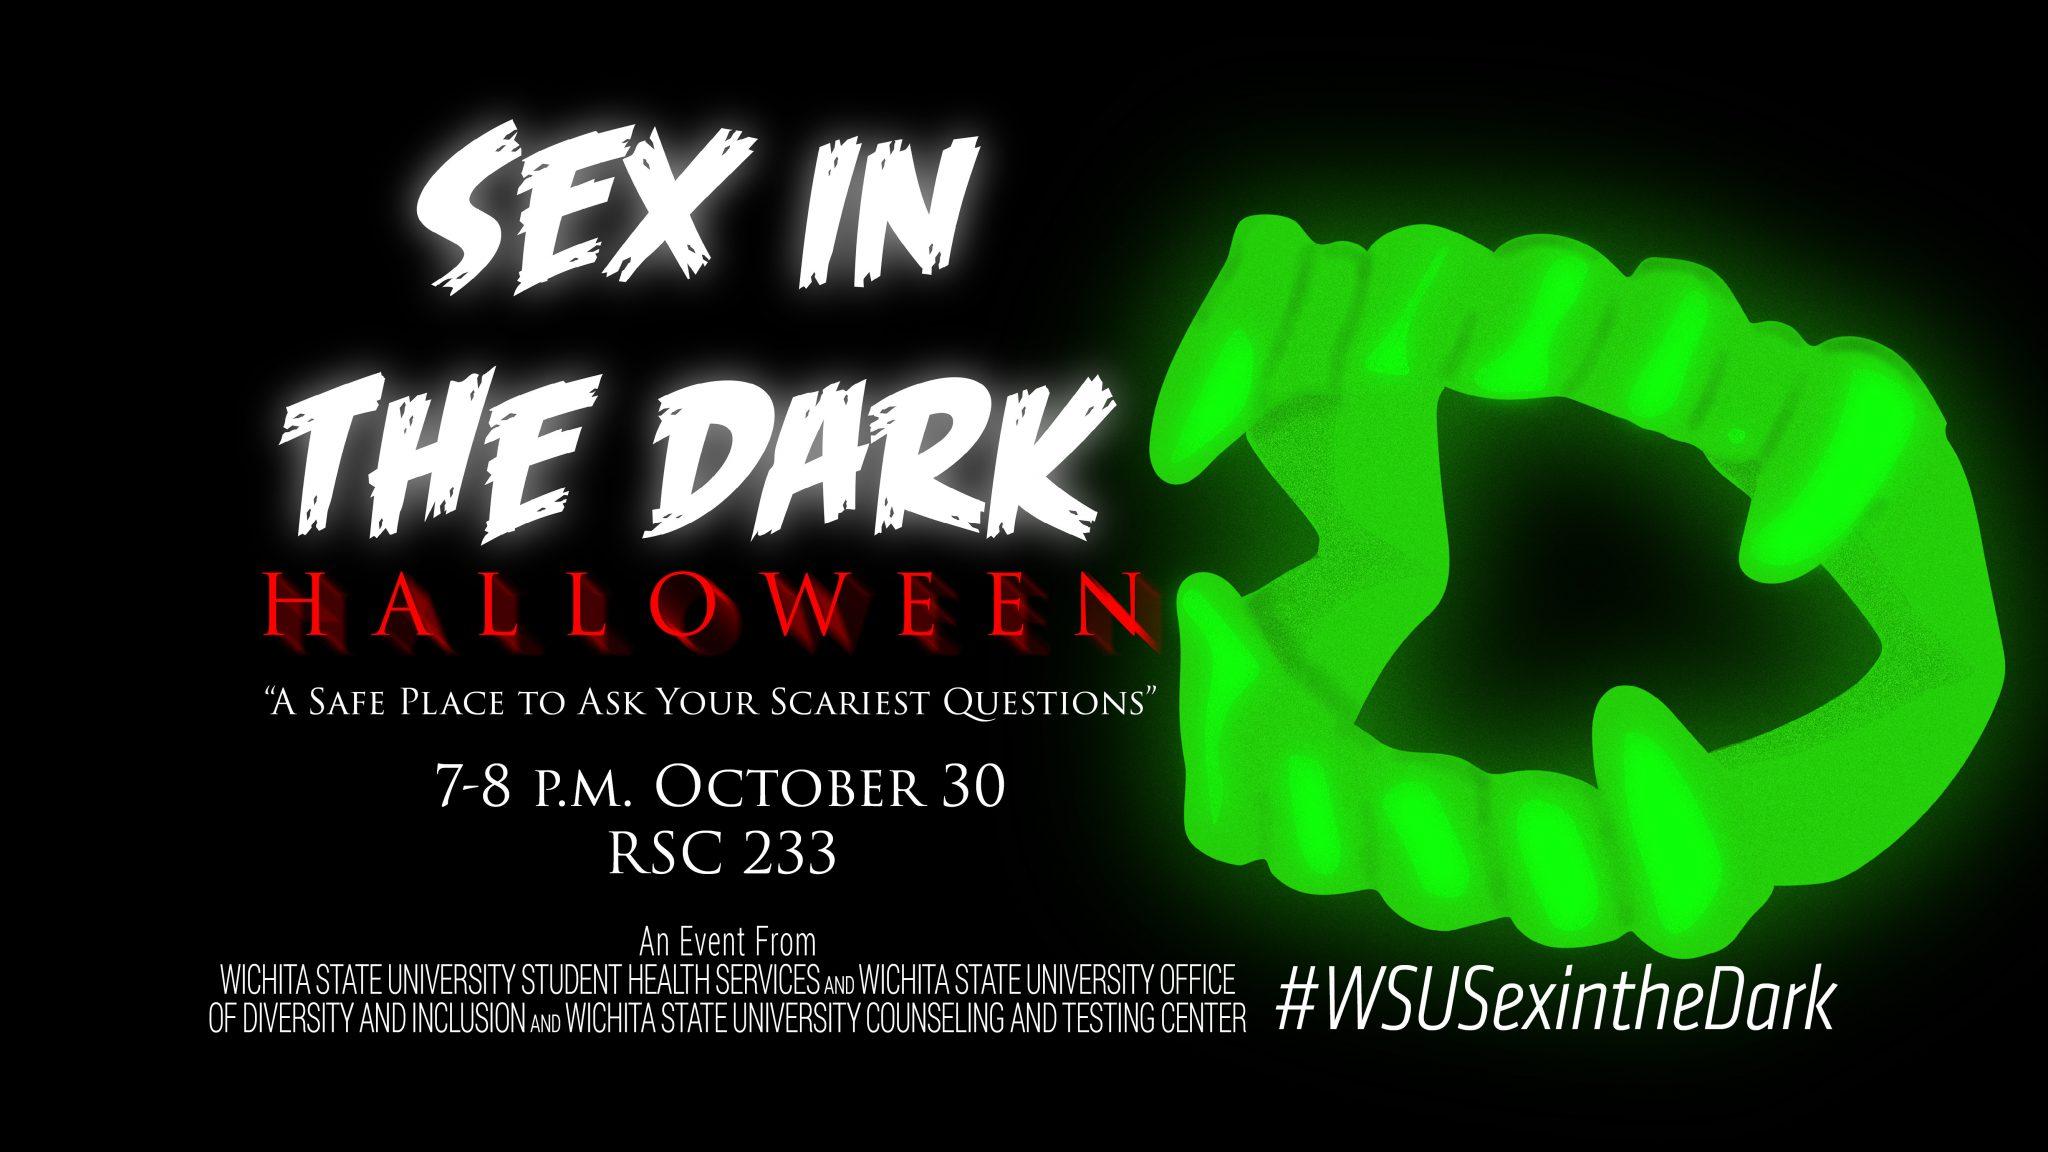 Sex in the dark Halloween